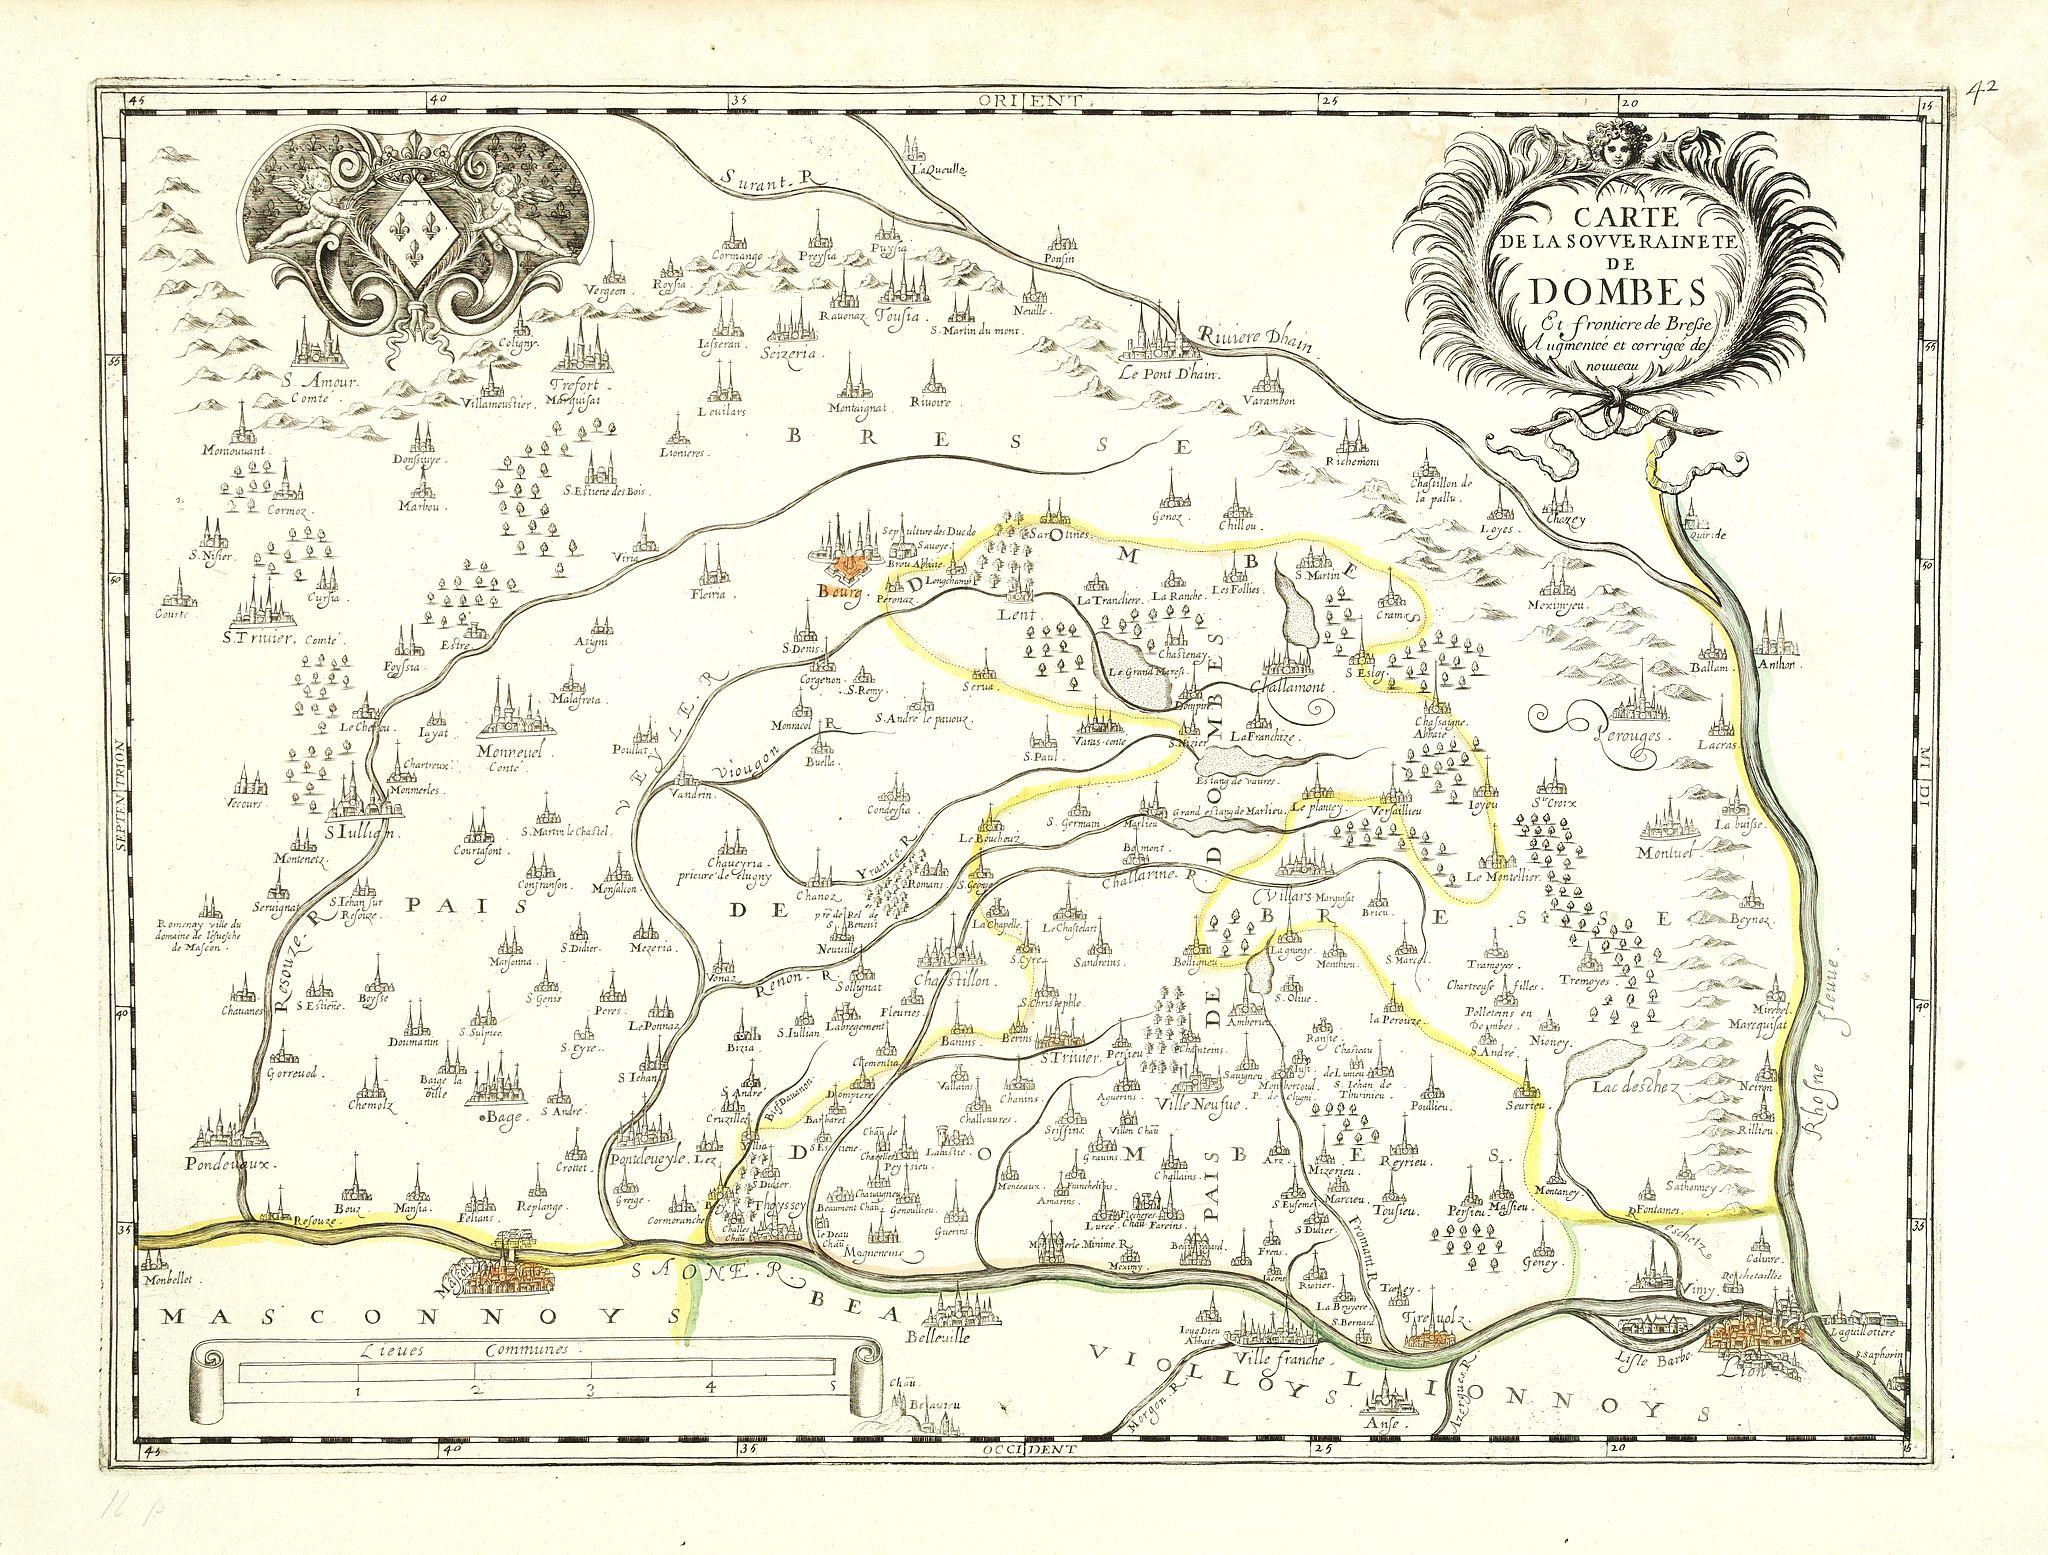 [TAVERNIER, M.] -  Carte de la Souveraineté de Dombes Et frontière de Bresse Augmentée et corrigée de nouveau.